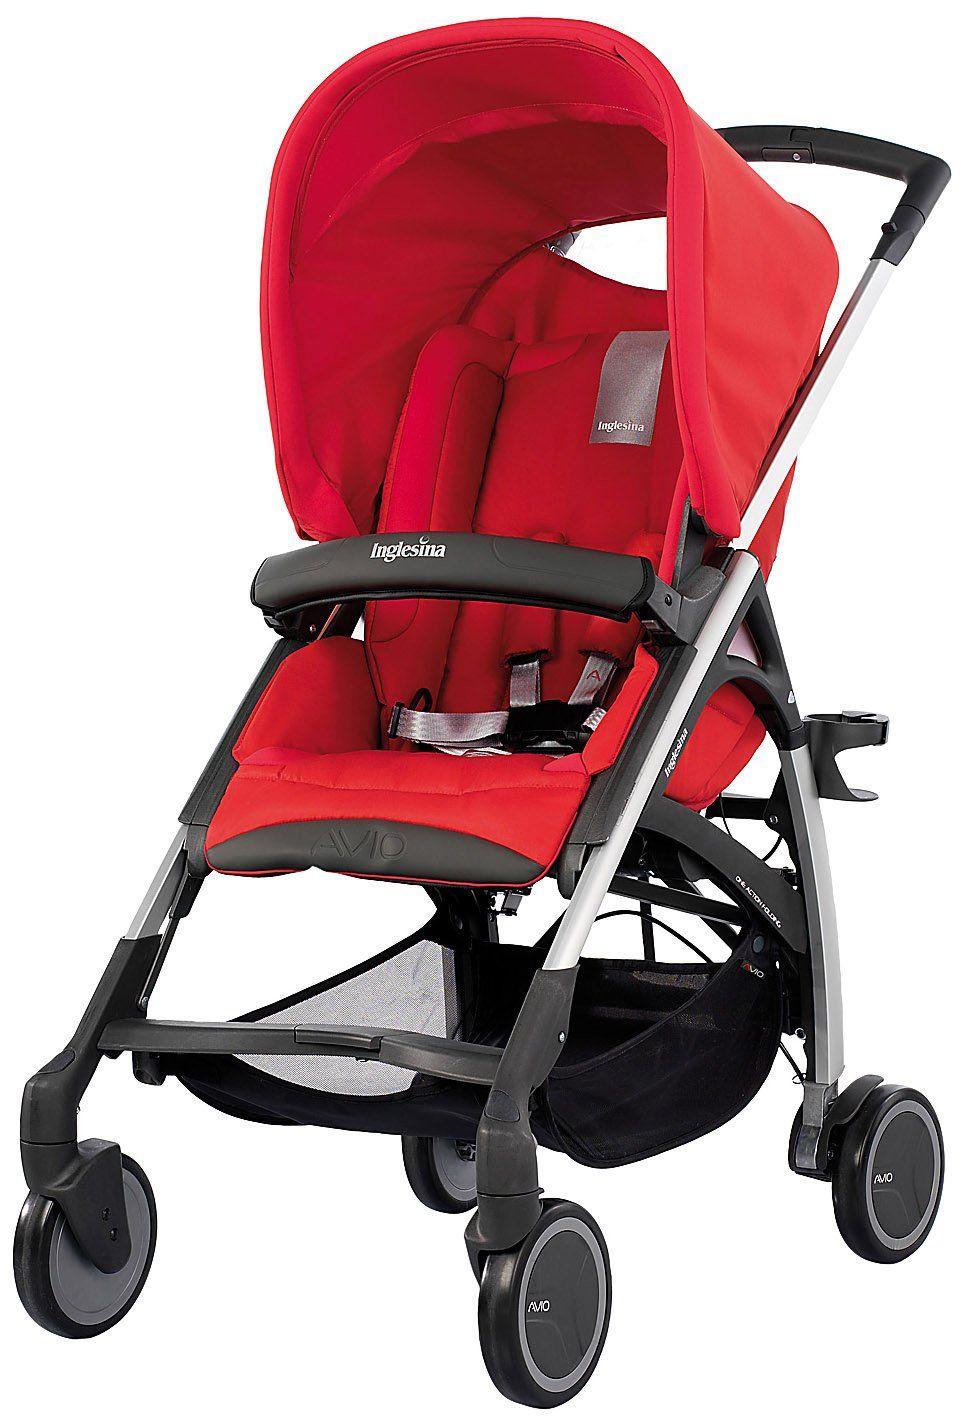 Inglesina Avio Stroller Red Best Price Stroller